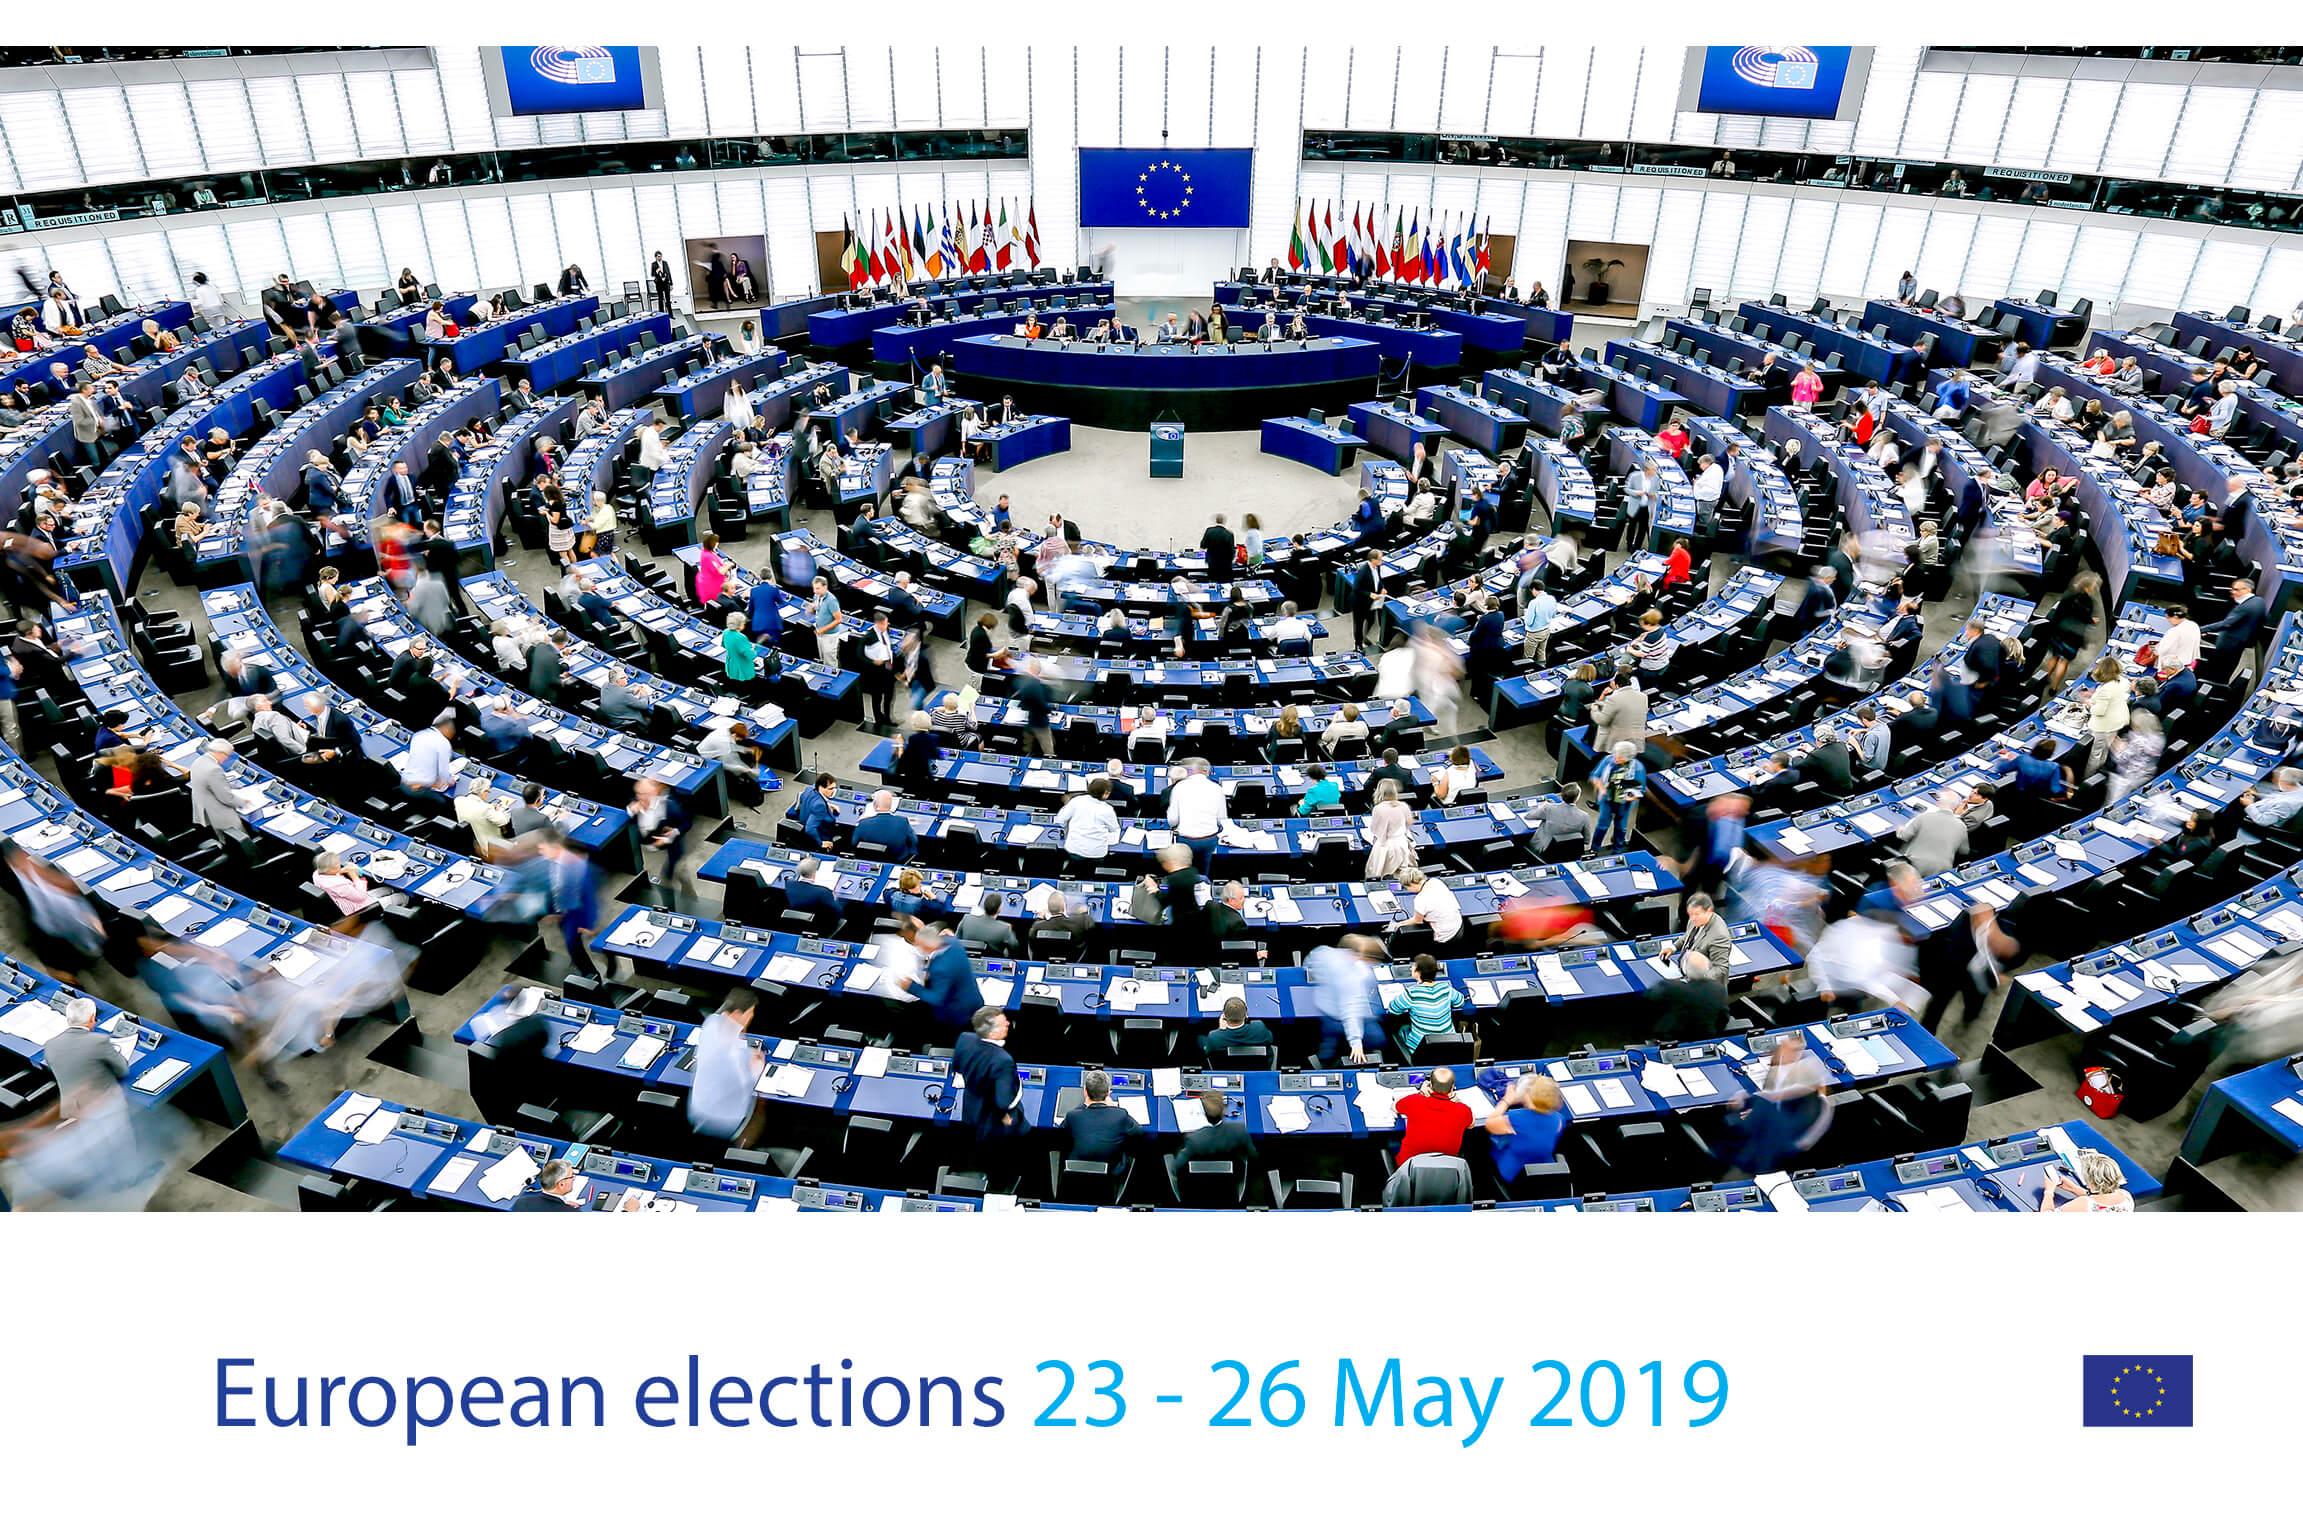 Čemu služi Europski parlament? Ovih 7 odluka će vam dati odgovor